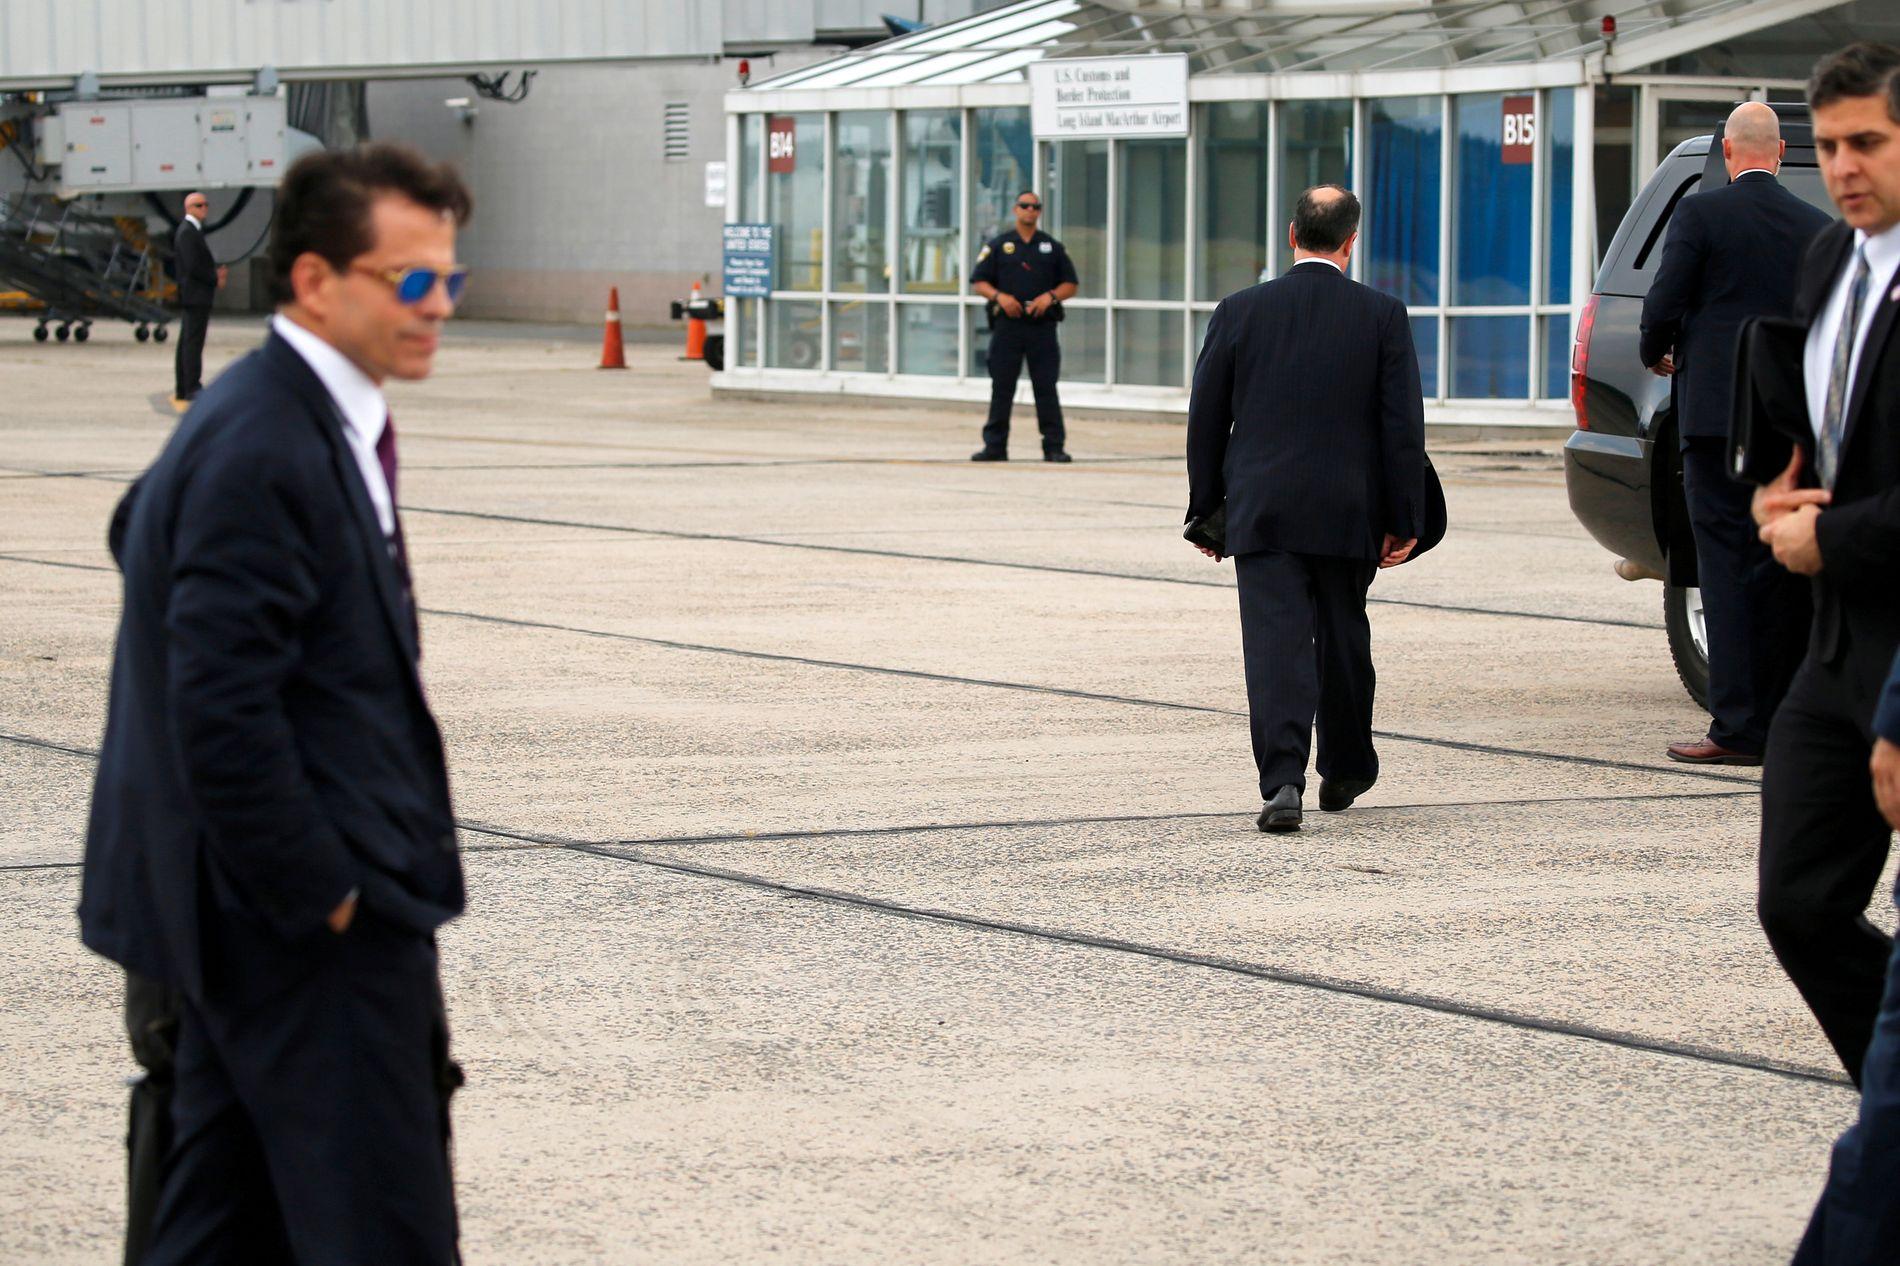 «THE MOOCH»: Trumps ferske kommunikasjonssjef Anthony «The Mooch» Scaramucci i forgrunnen til venstre. Med ryggen til ser man hans gamle fiende Priebus på vei til bilene, etter hans siste flytur med presidenten.